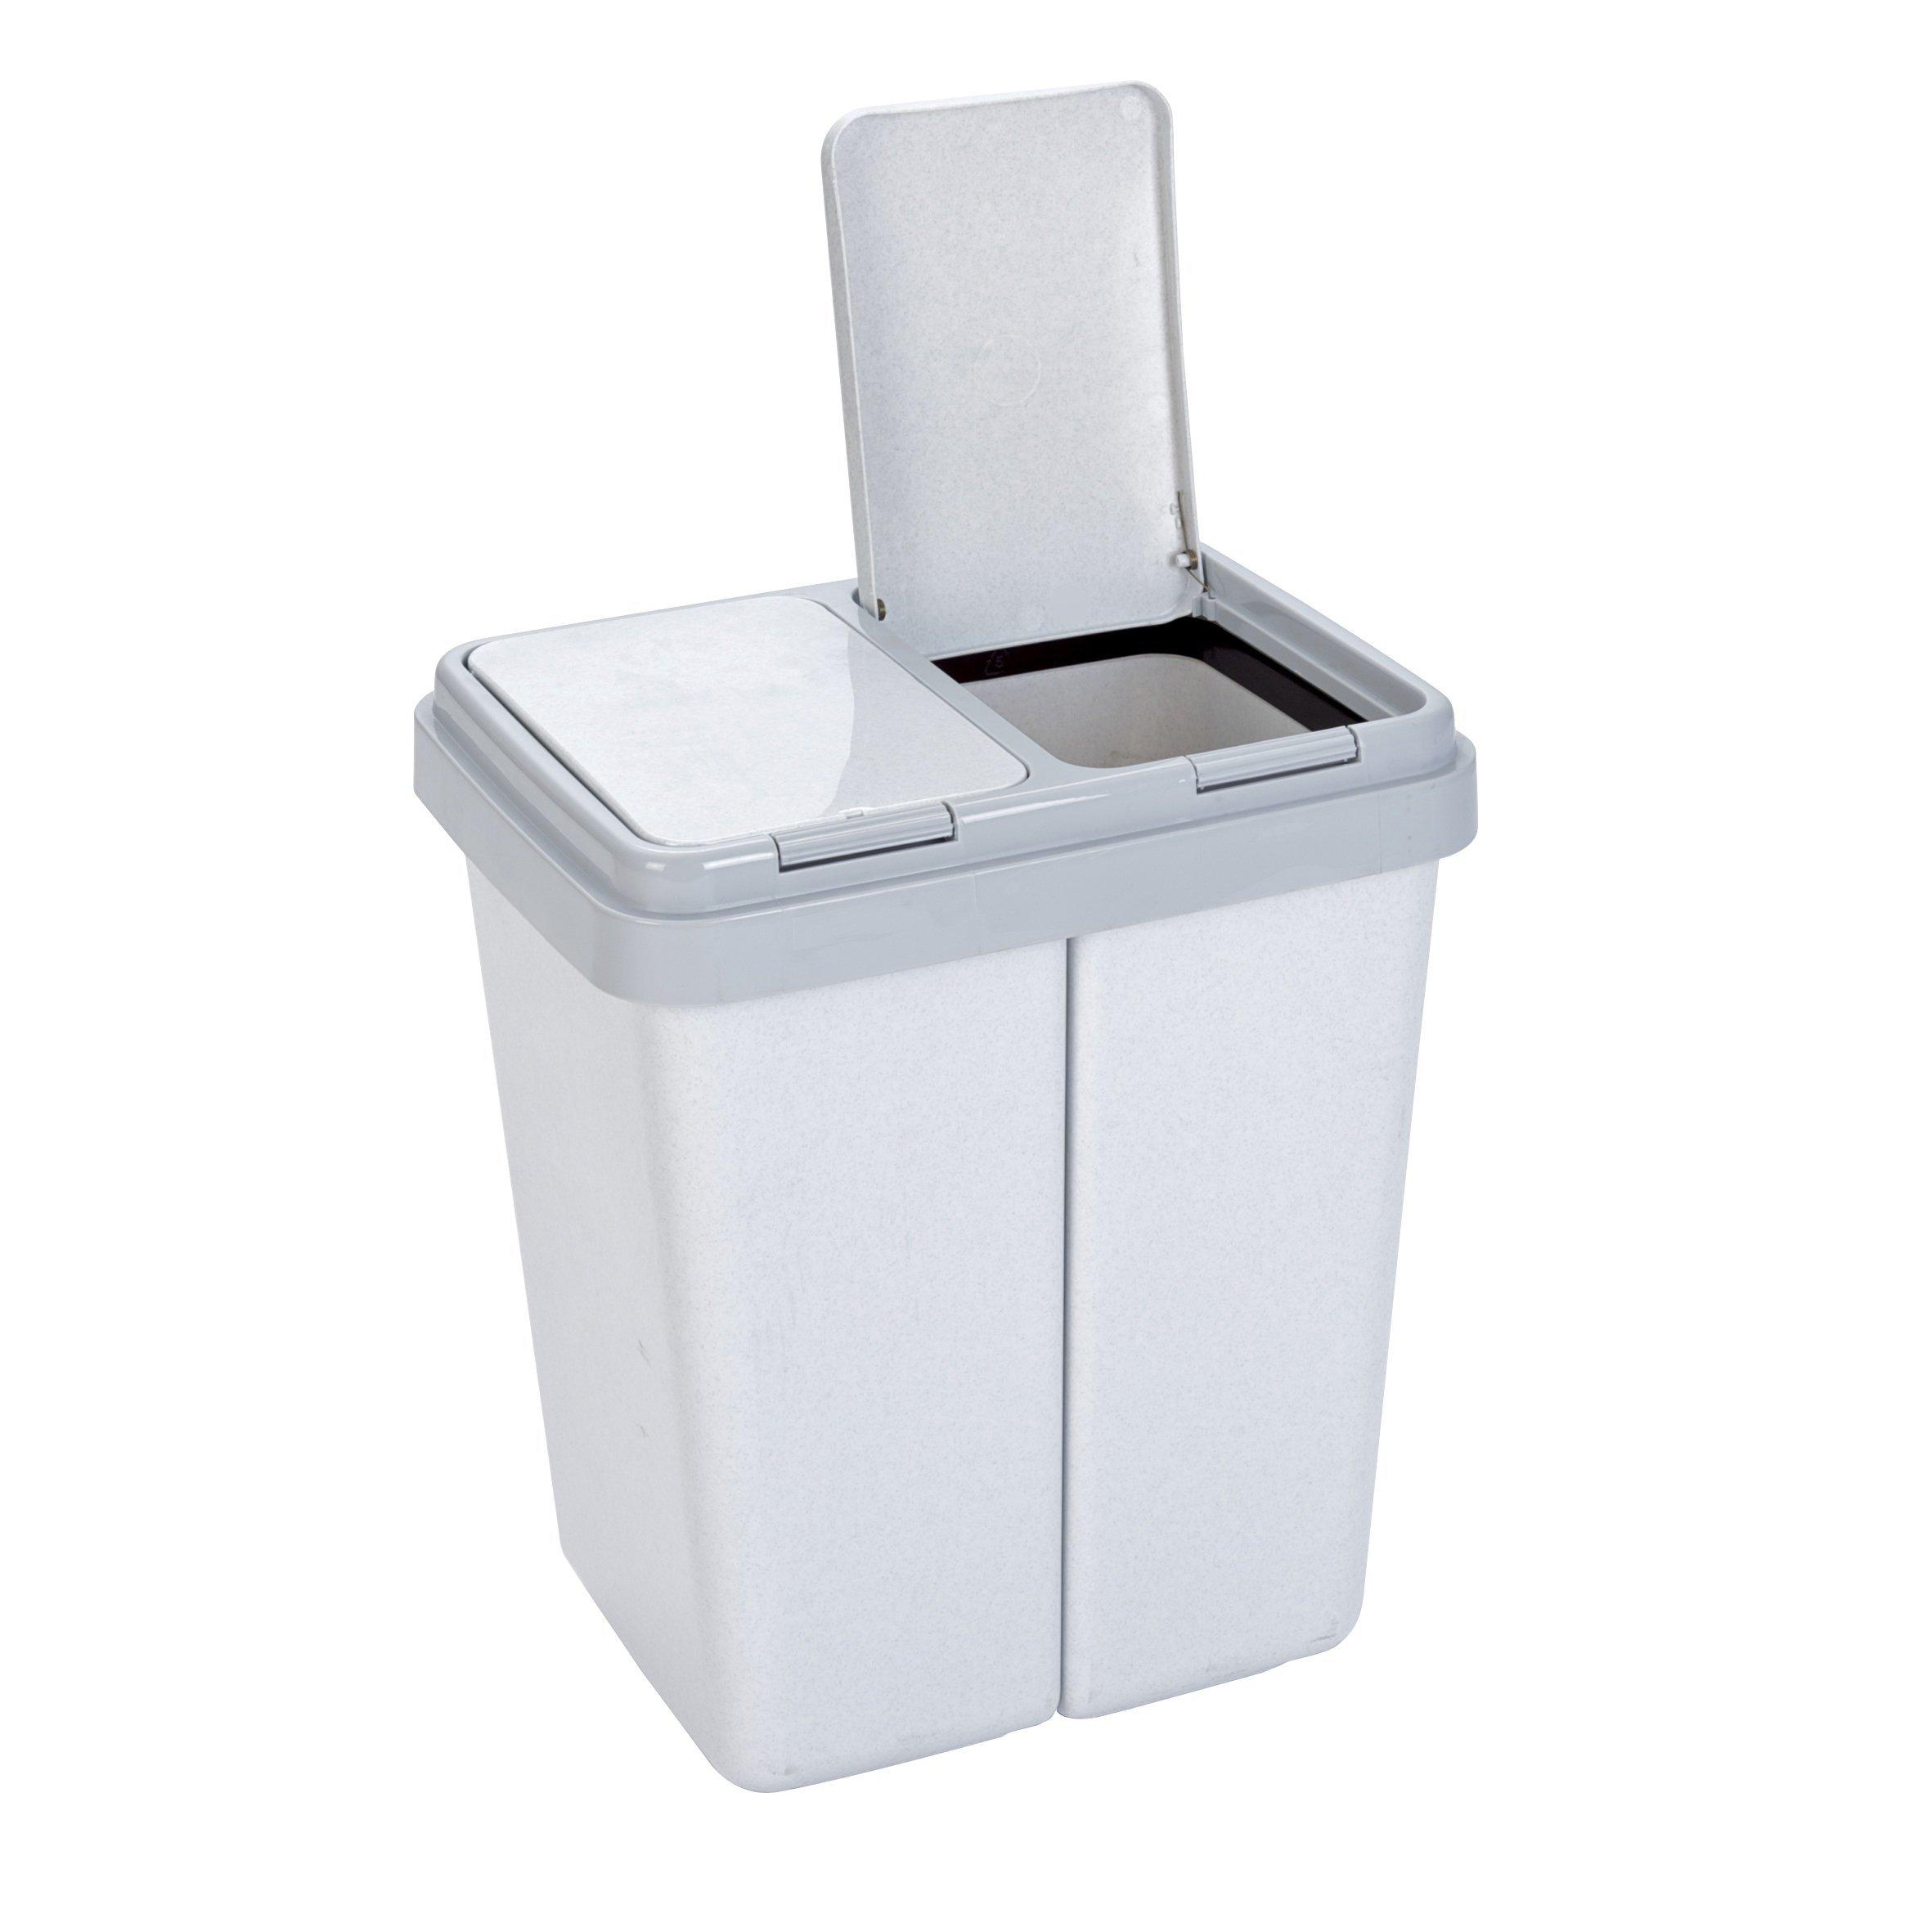 Full Size of Abfalleimer Küche Ausziehbar Abfalleimer Küche Einbau Abfalleimer Küche Rechteckig Einbau Abfalleimer Küche Bauhaus Küche Abfalleimer Küche